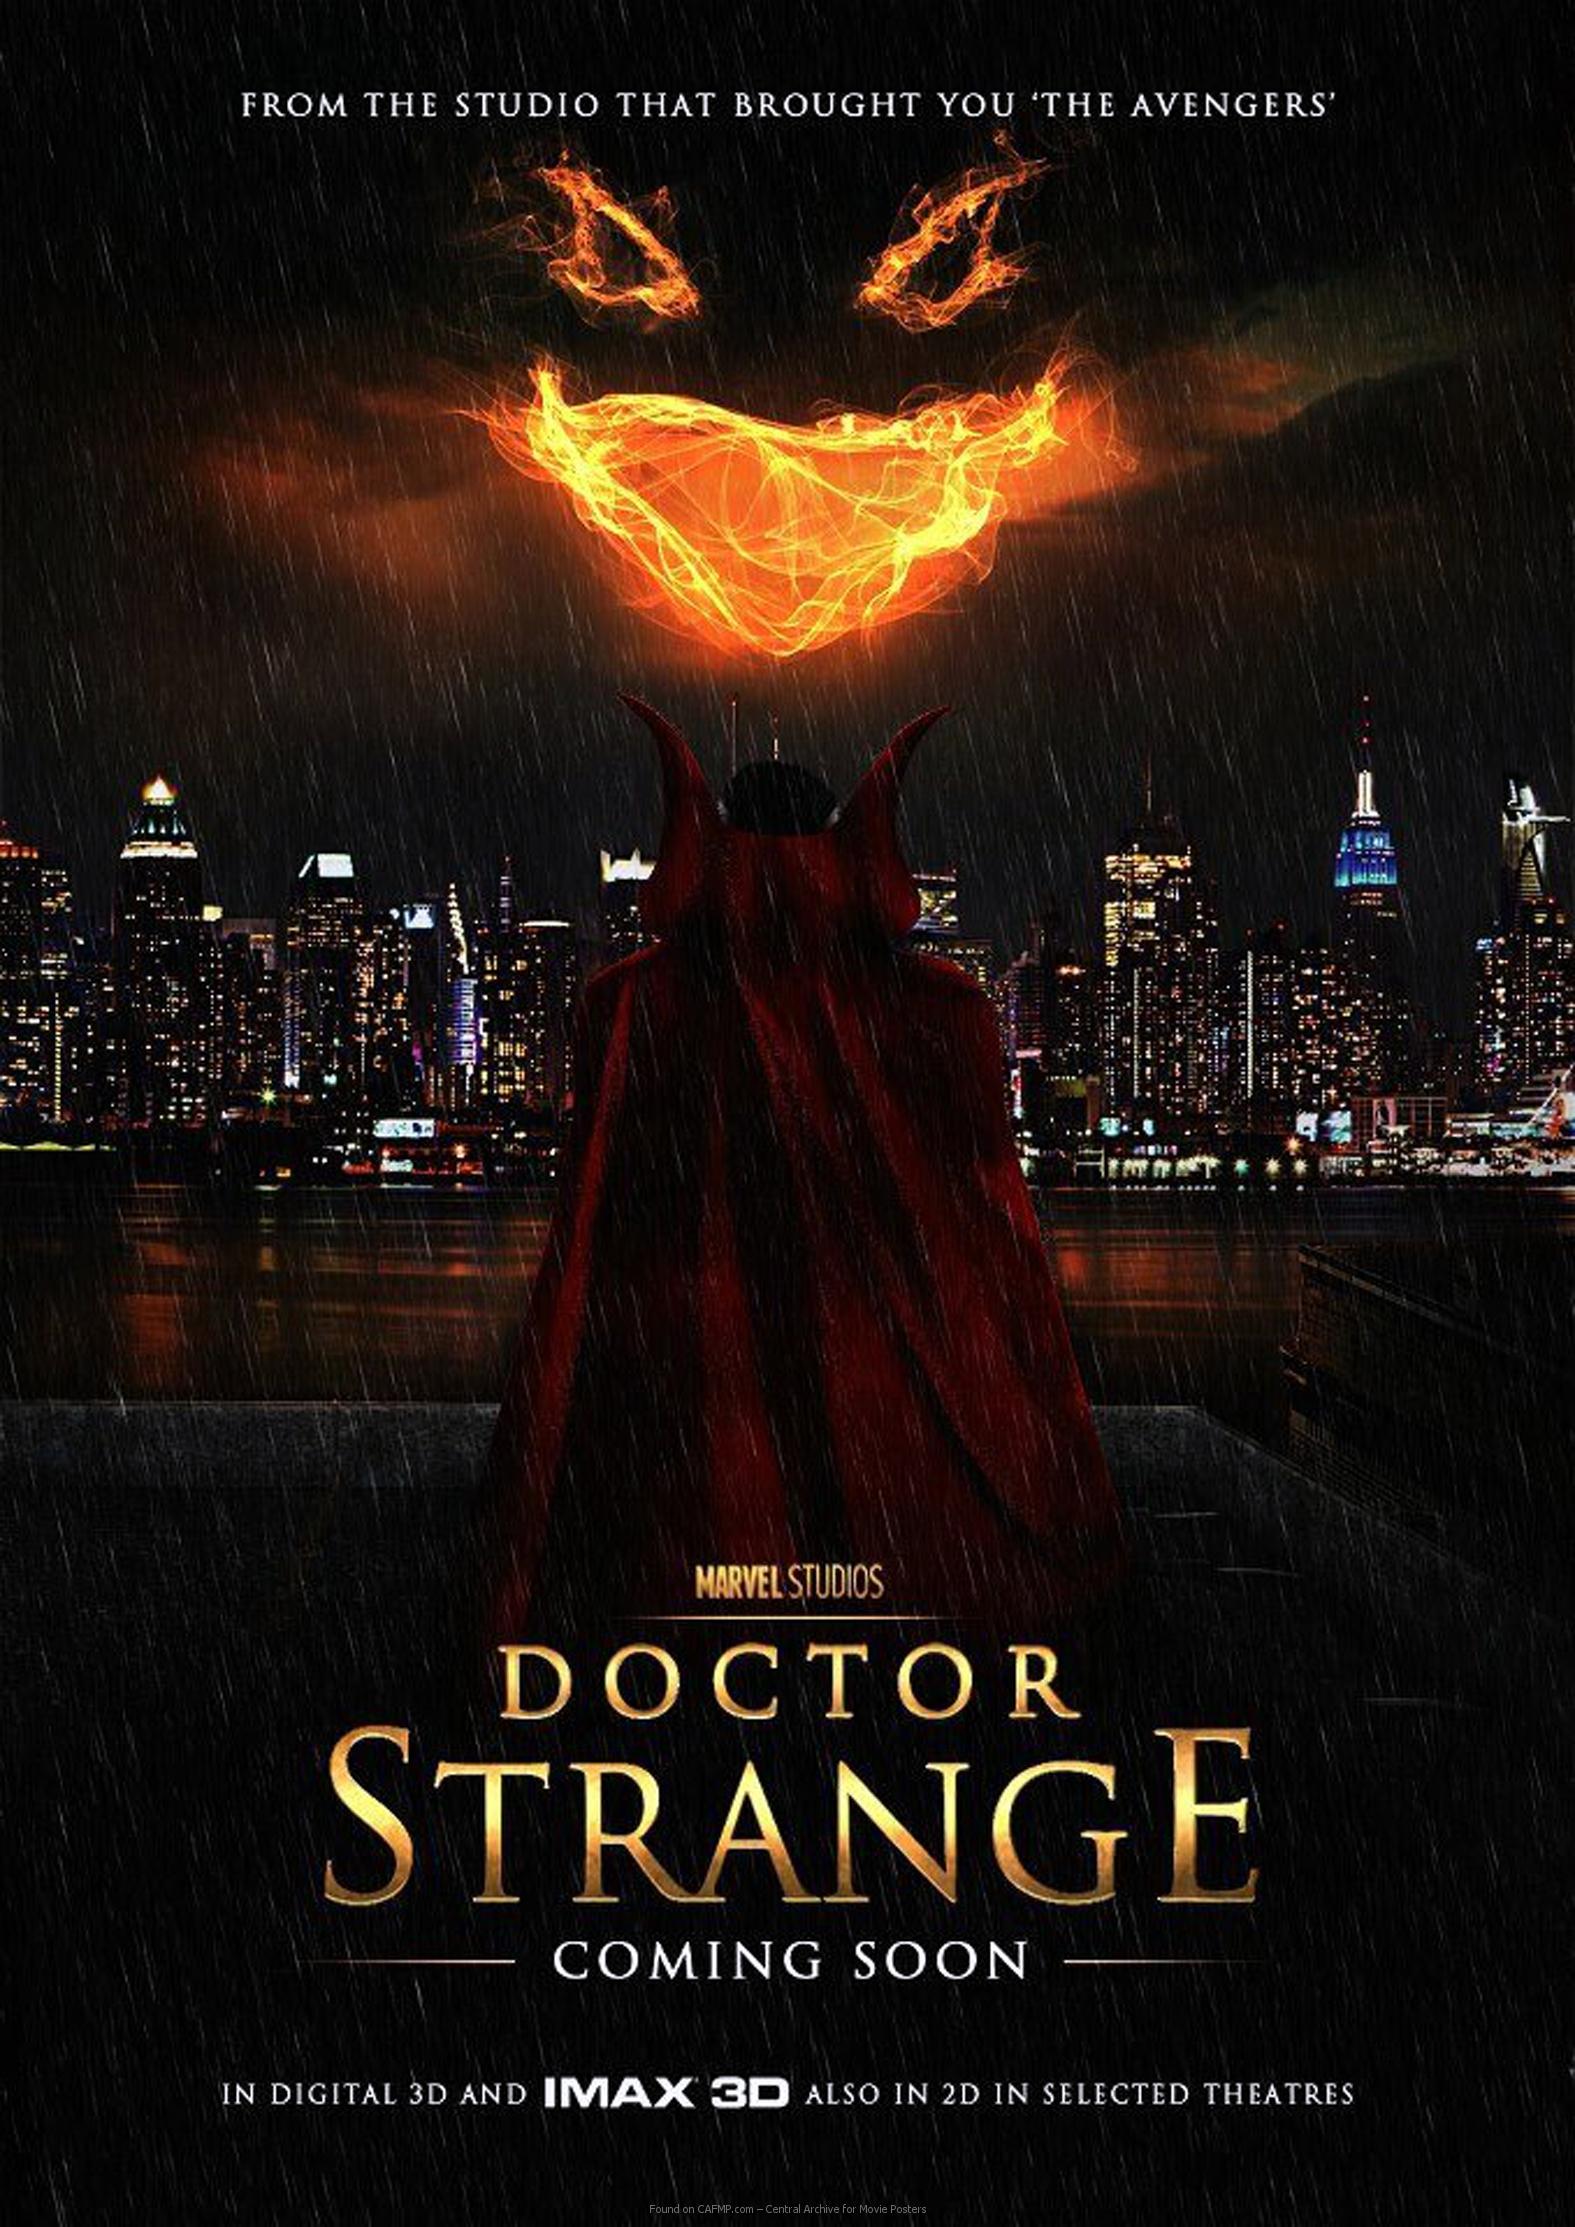 Movie Poster »Doctor Strange« on CAFMP